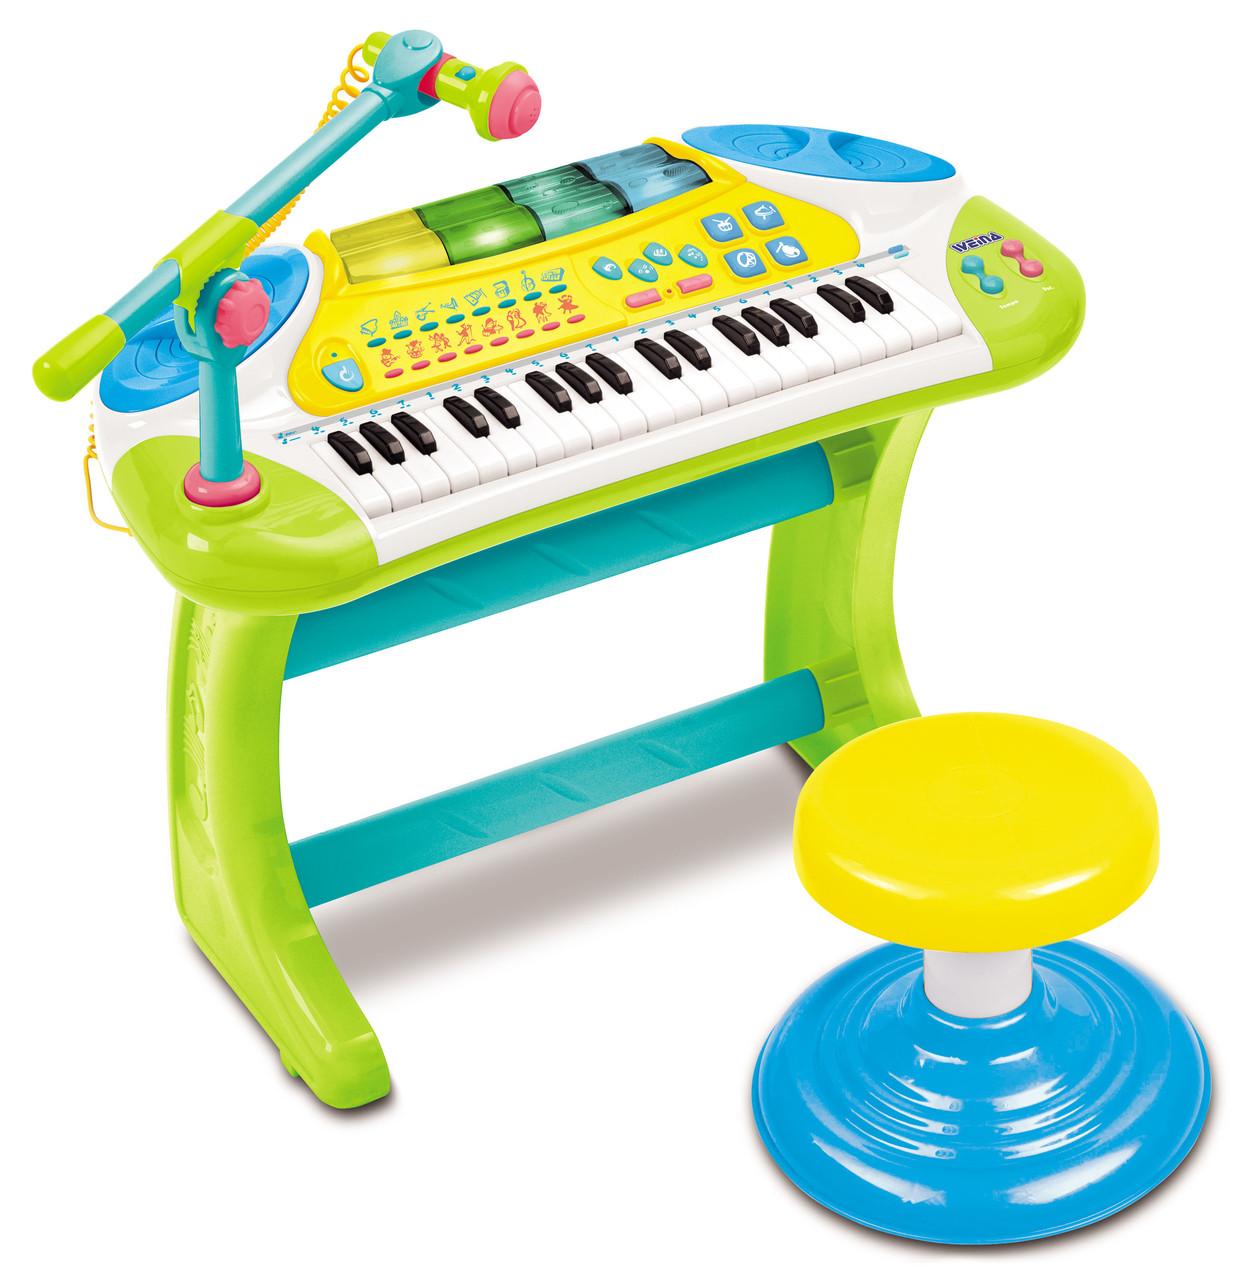 Развивающая игрушка Weina «Электронное пианино» 2079